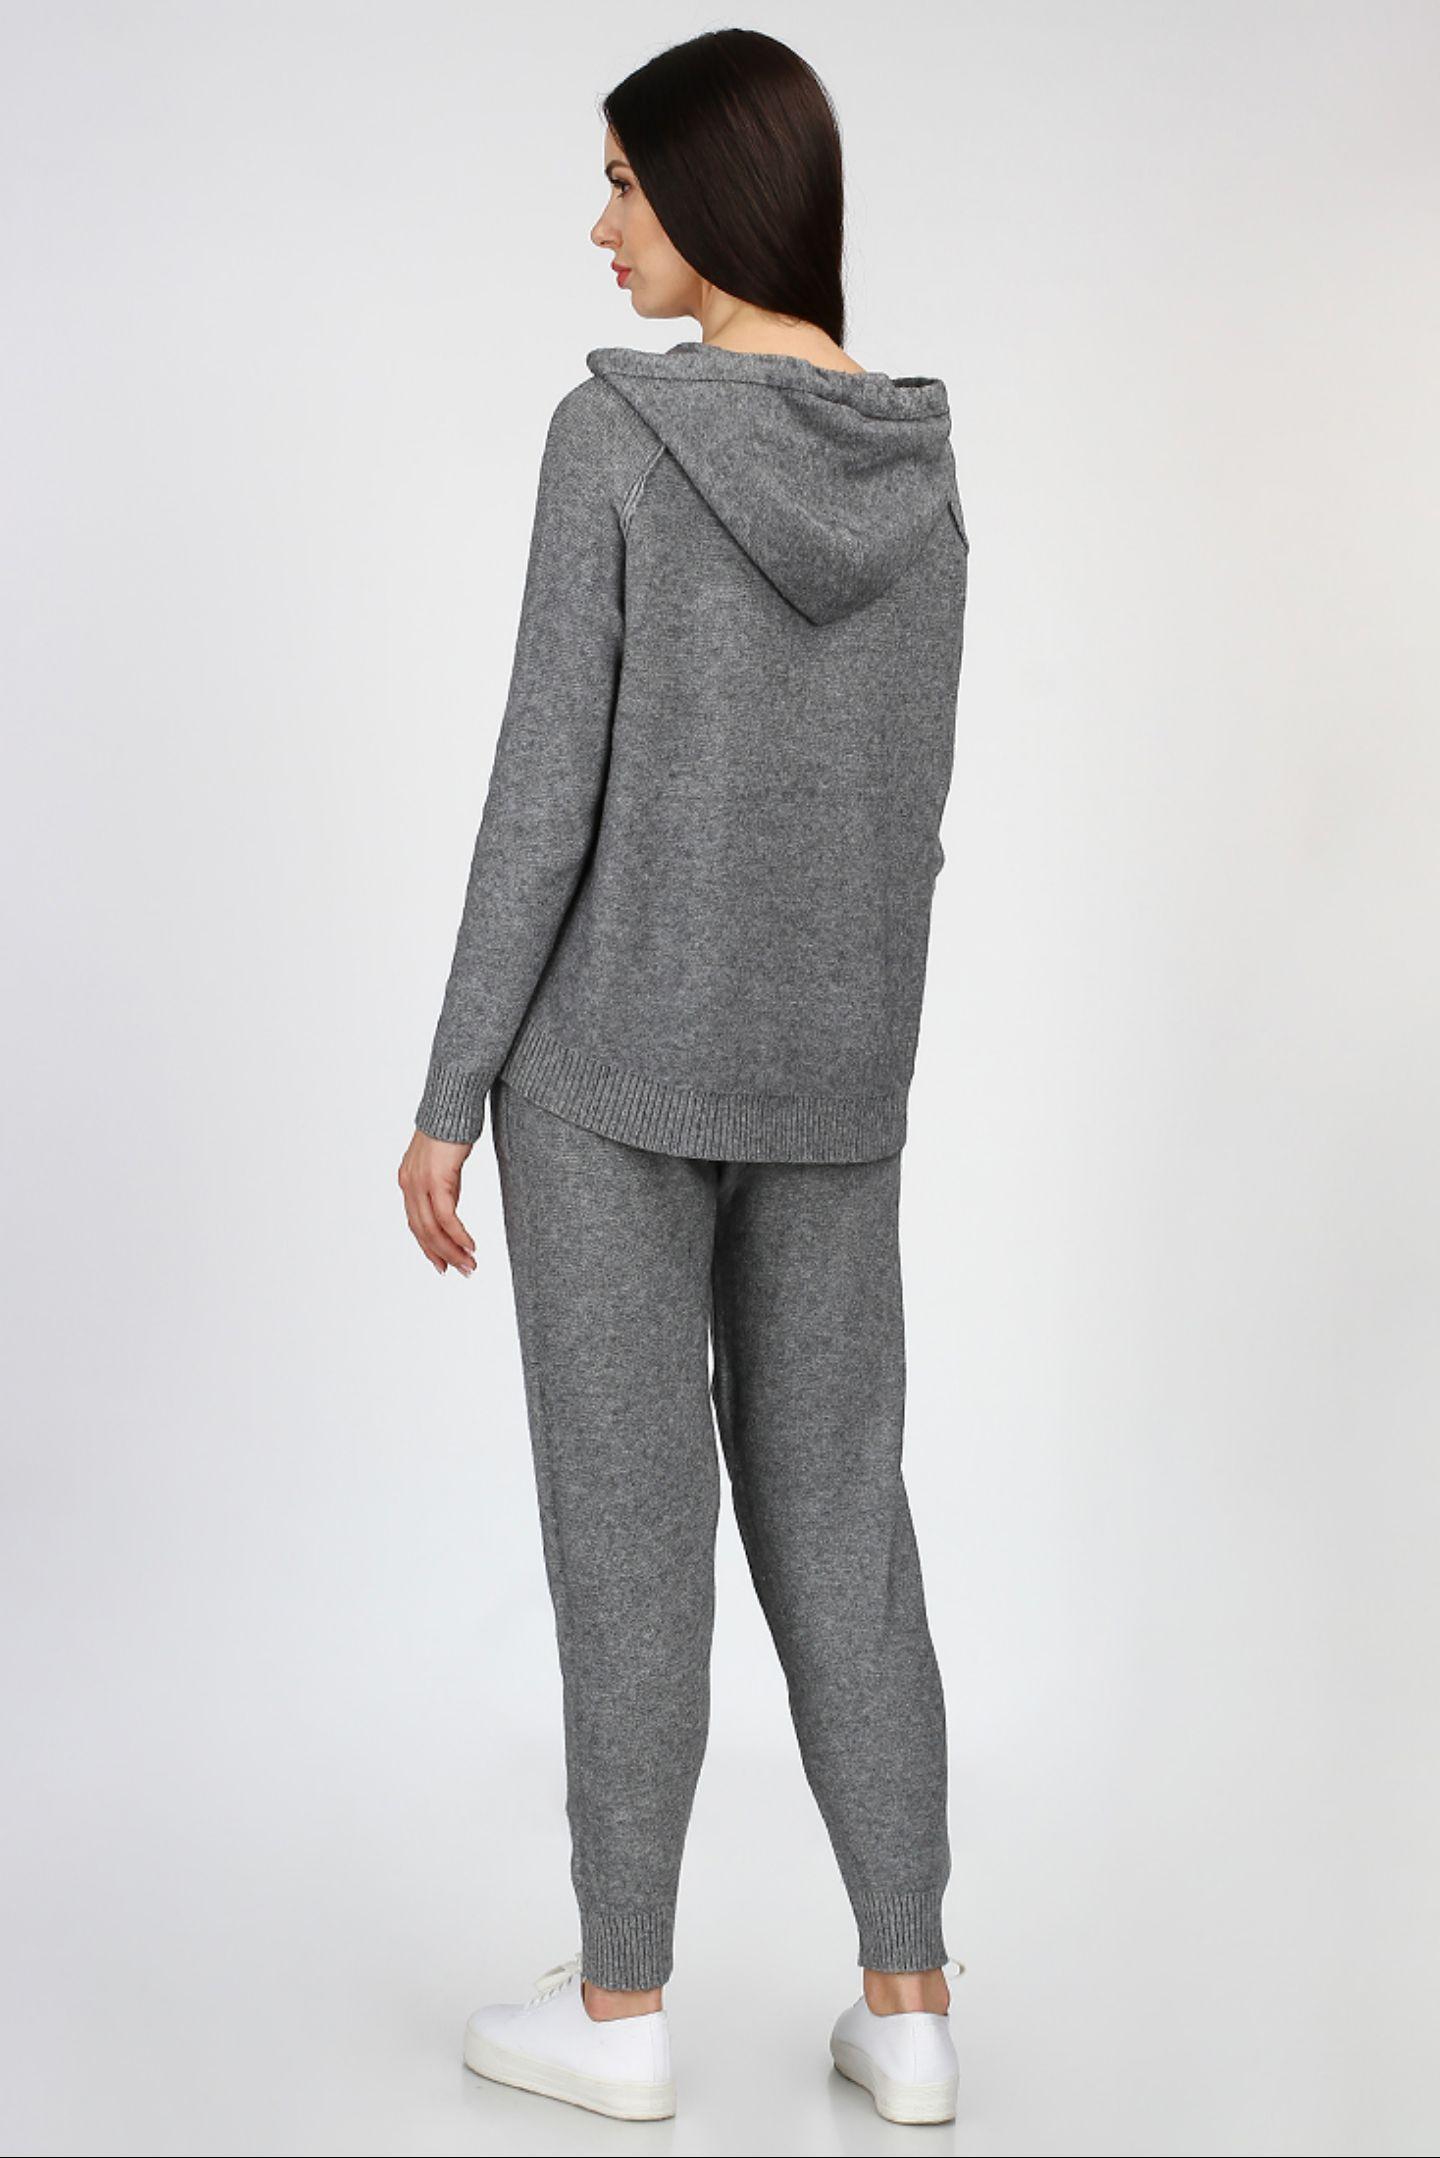 Фотосъемка одежды для Lamoda